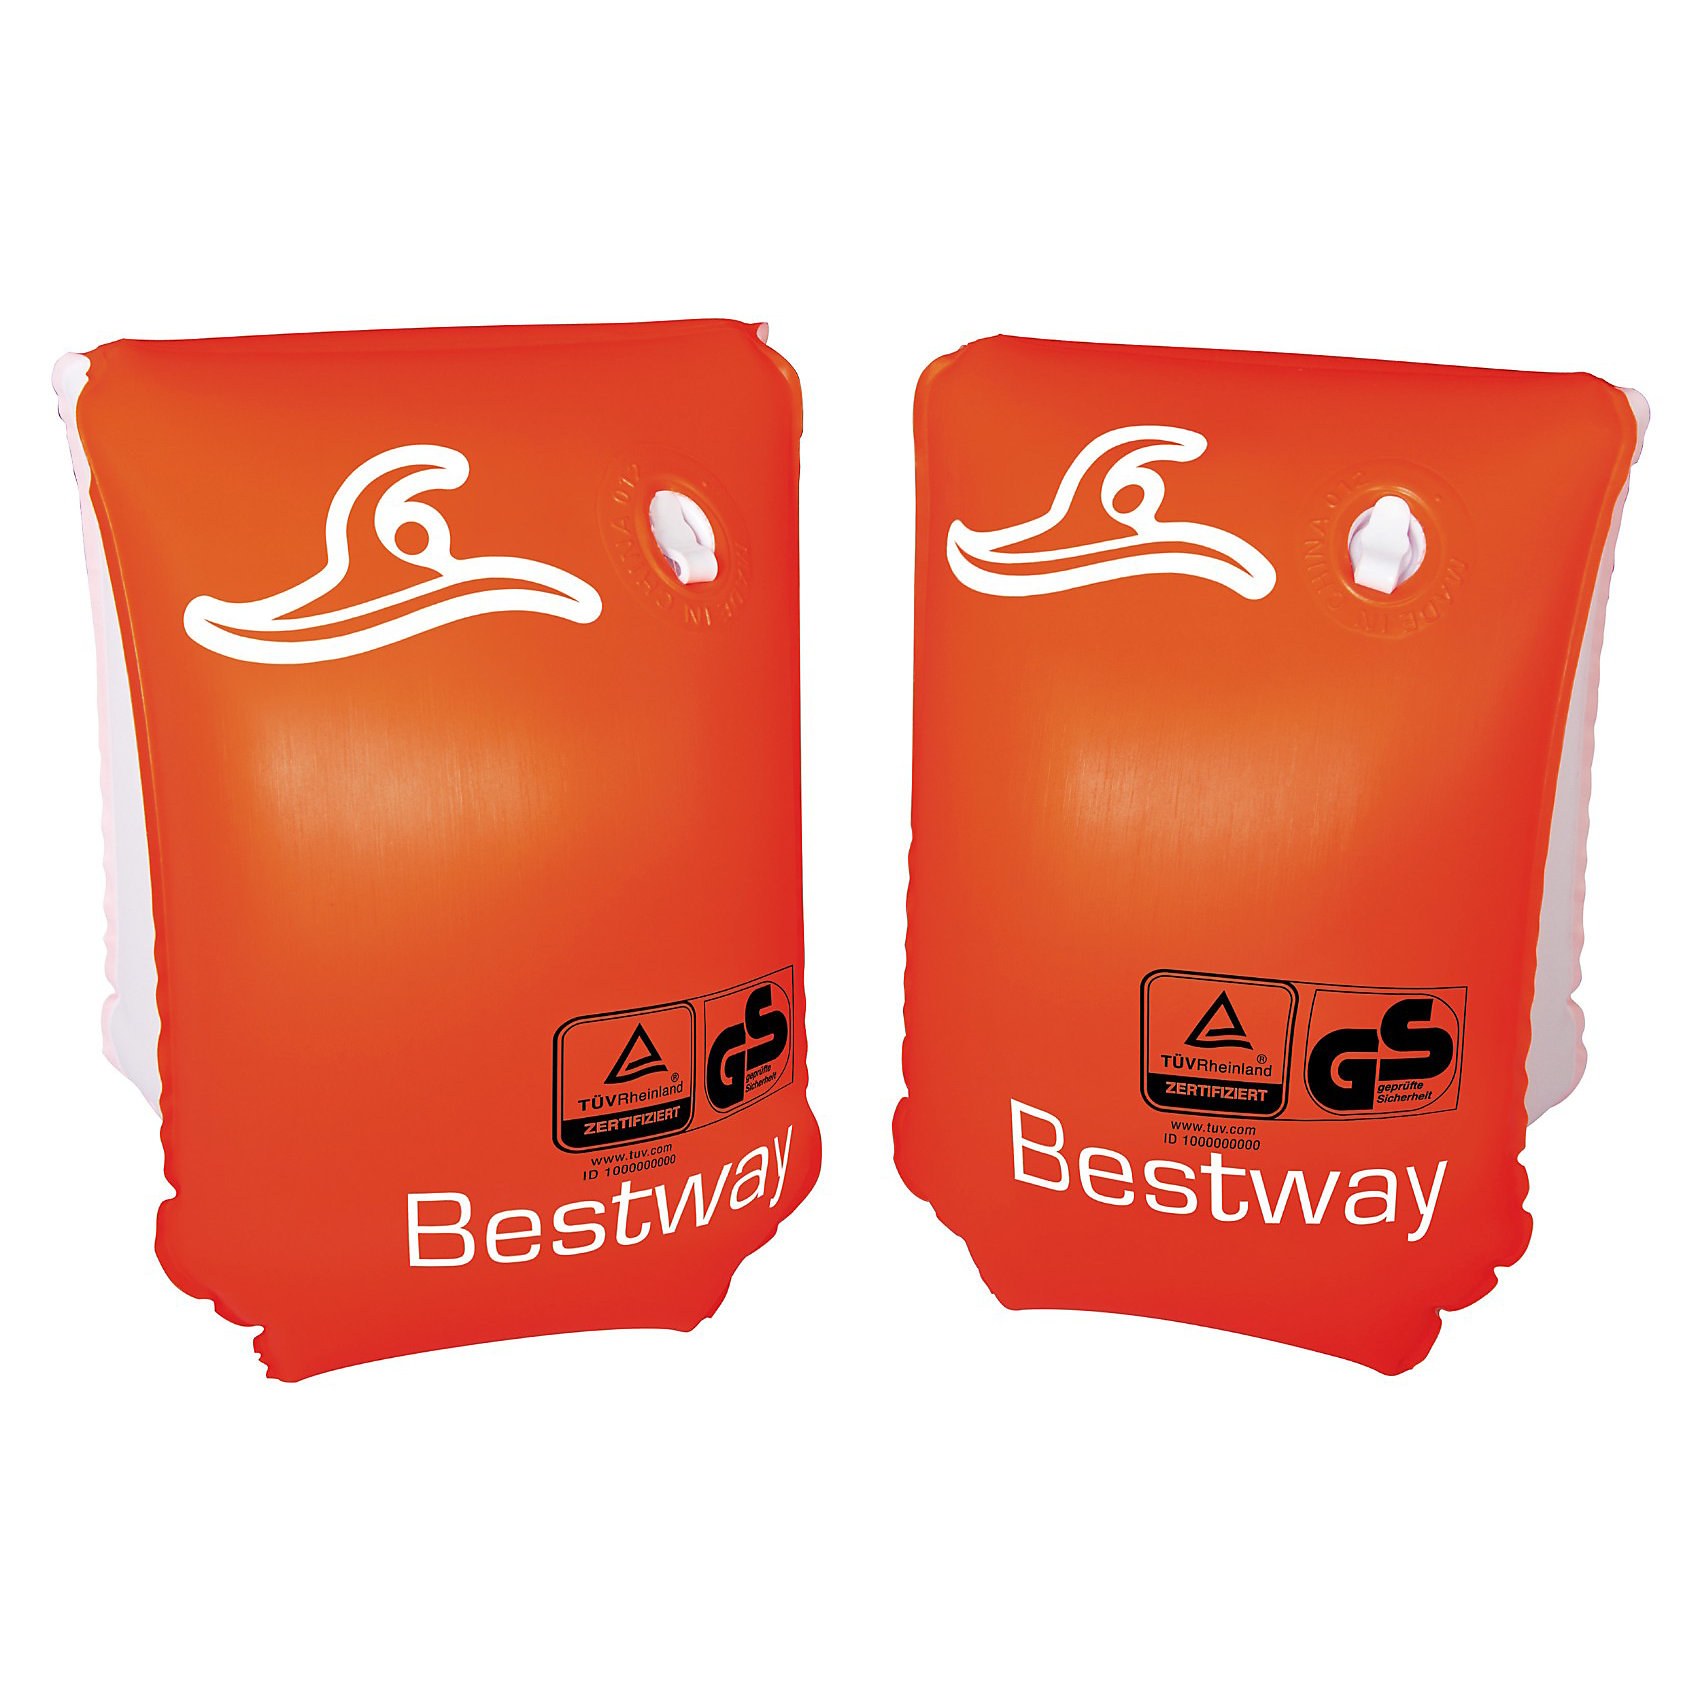 Нарукавники для плавания Safe-2-Swim, BestwayКруги и нарукавники<br>Характеристики товара:<br><br>• материал: полимер<br>• цвет: красный<br>• размер: 25х15 см<br>• легкий материал<br>• для начинающих плавать<br>• надувные<br>• яркие цвета<br>• хорошо заметны на воде<br>• возраст: от 3 до 6 лет<br>• страна бренда: США, Китай<br>• страна производства: Китай<br><br>Это отличный способ научить малышей плавать и обеспечить детям веселое времяпровождение! Нарукавники помогут ребенку больше двигаться и поддерживать хорошую физическую форму.<br><br>Предметы сделаны из прочного материала, но очень легкого - они отлично держатся на воде. Предметы легкие, их удобно брать с собой. Изделия произведены из качественных и безопасных для детей материалов.<br><br>Нарукавники для плавания Safe-2-Swim, от бренда Bestway (Бествей) можно купить в нашем интернет-магазине.<br><br>Ширина мм: 194<br>Глубина мм: 121<br>Высота мм: 32<br>Вес г: 136<br>Возраст от месяцев: 36<br>Возраст до месяцев: 72<br>Пол: Унисекс<br>Возраст: Детский<br>SKU: 3340142